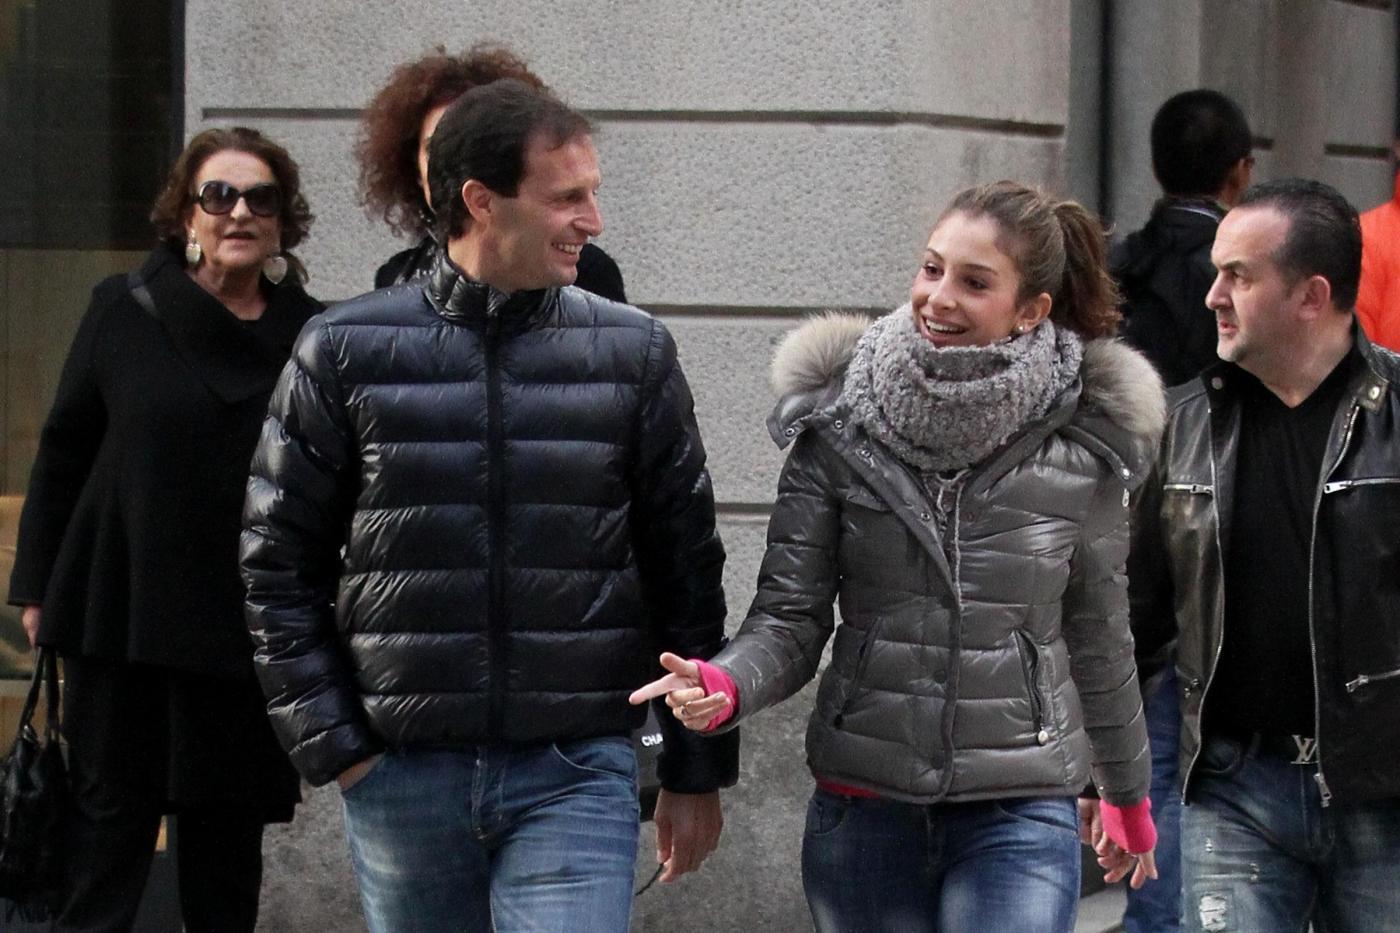 Massimiliano Allegri scherza con la figlia Valentina01